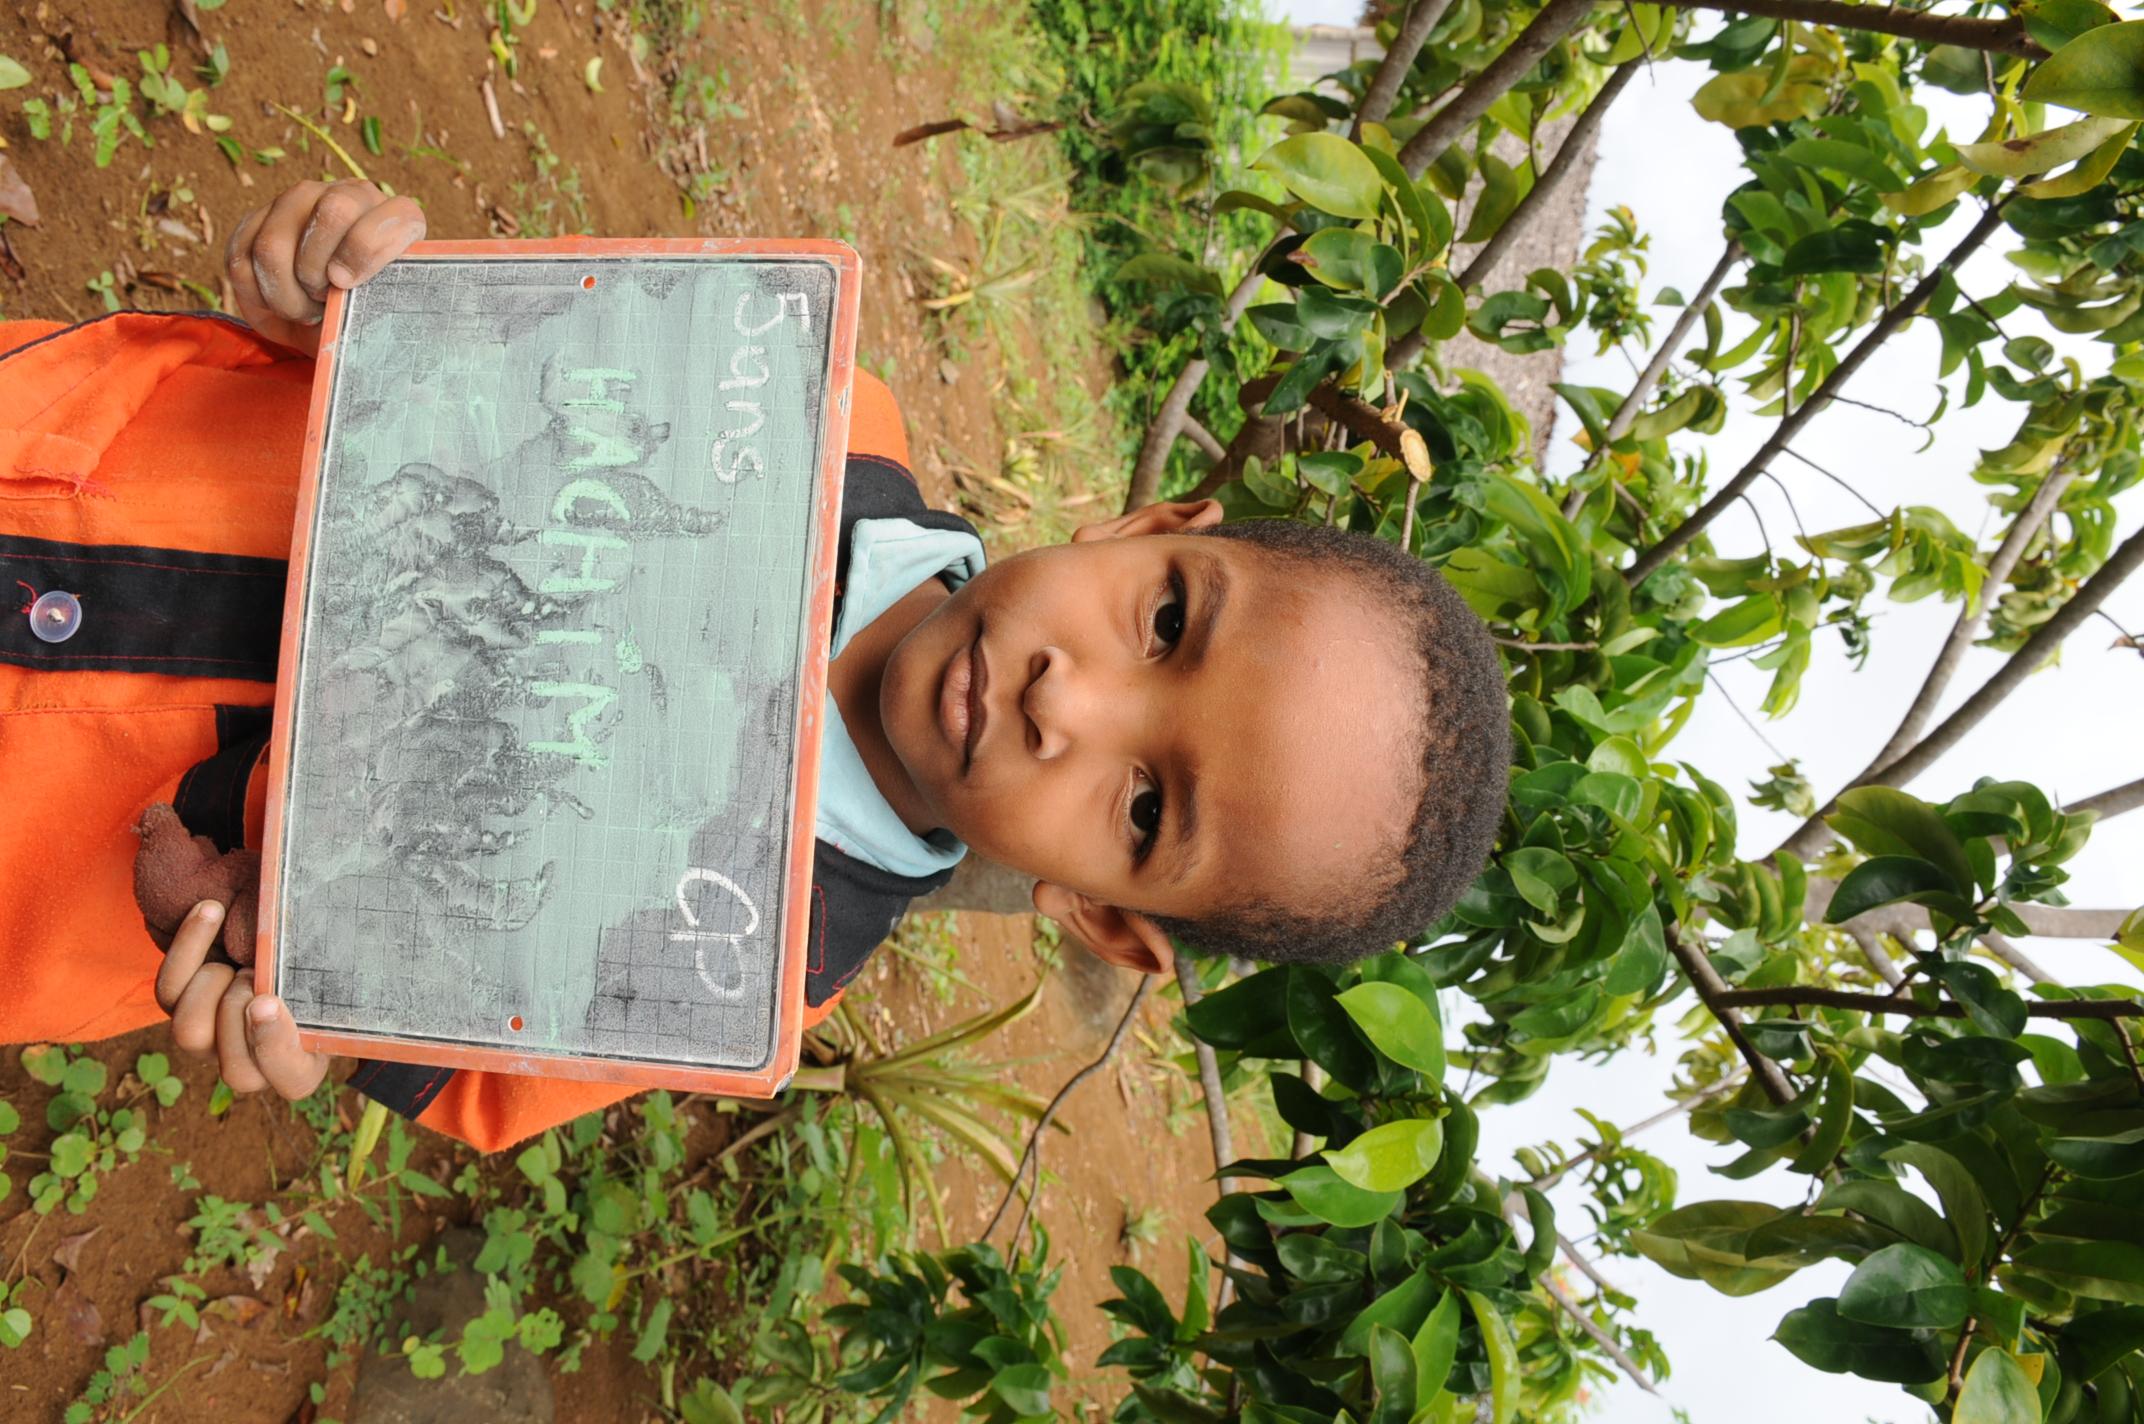 école communautaire Madagascar